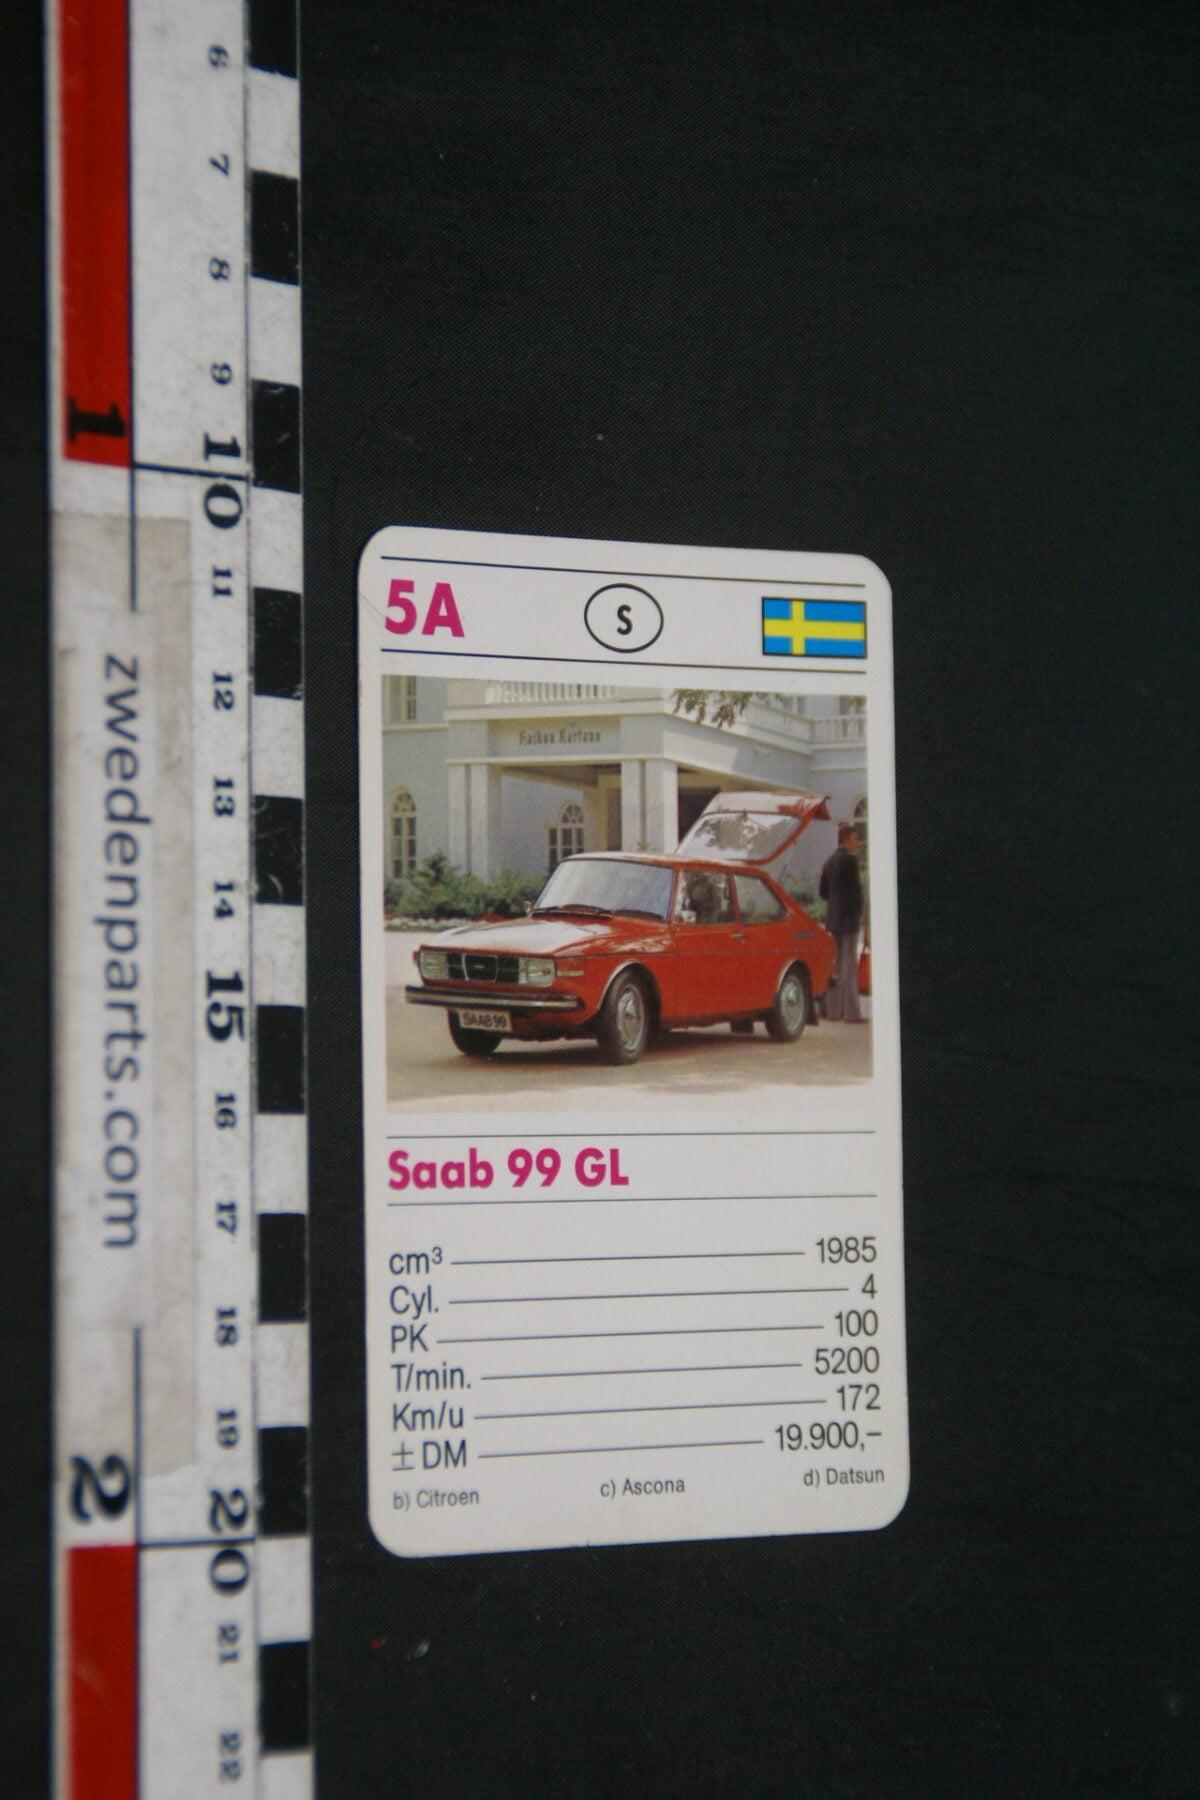 DSC02304 ca. 1965 origineel autokwartetkaart SAAB 99GL-35e1e40d